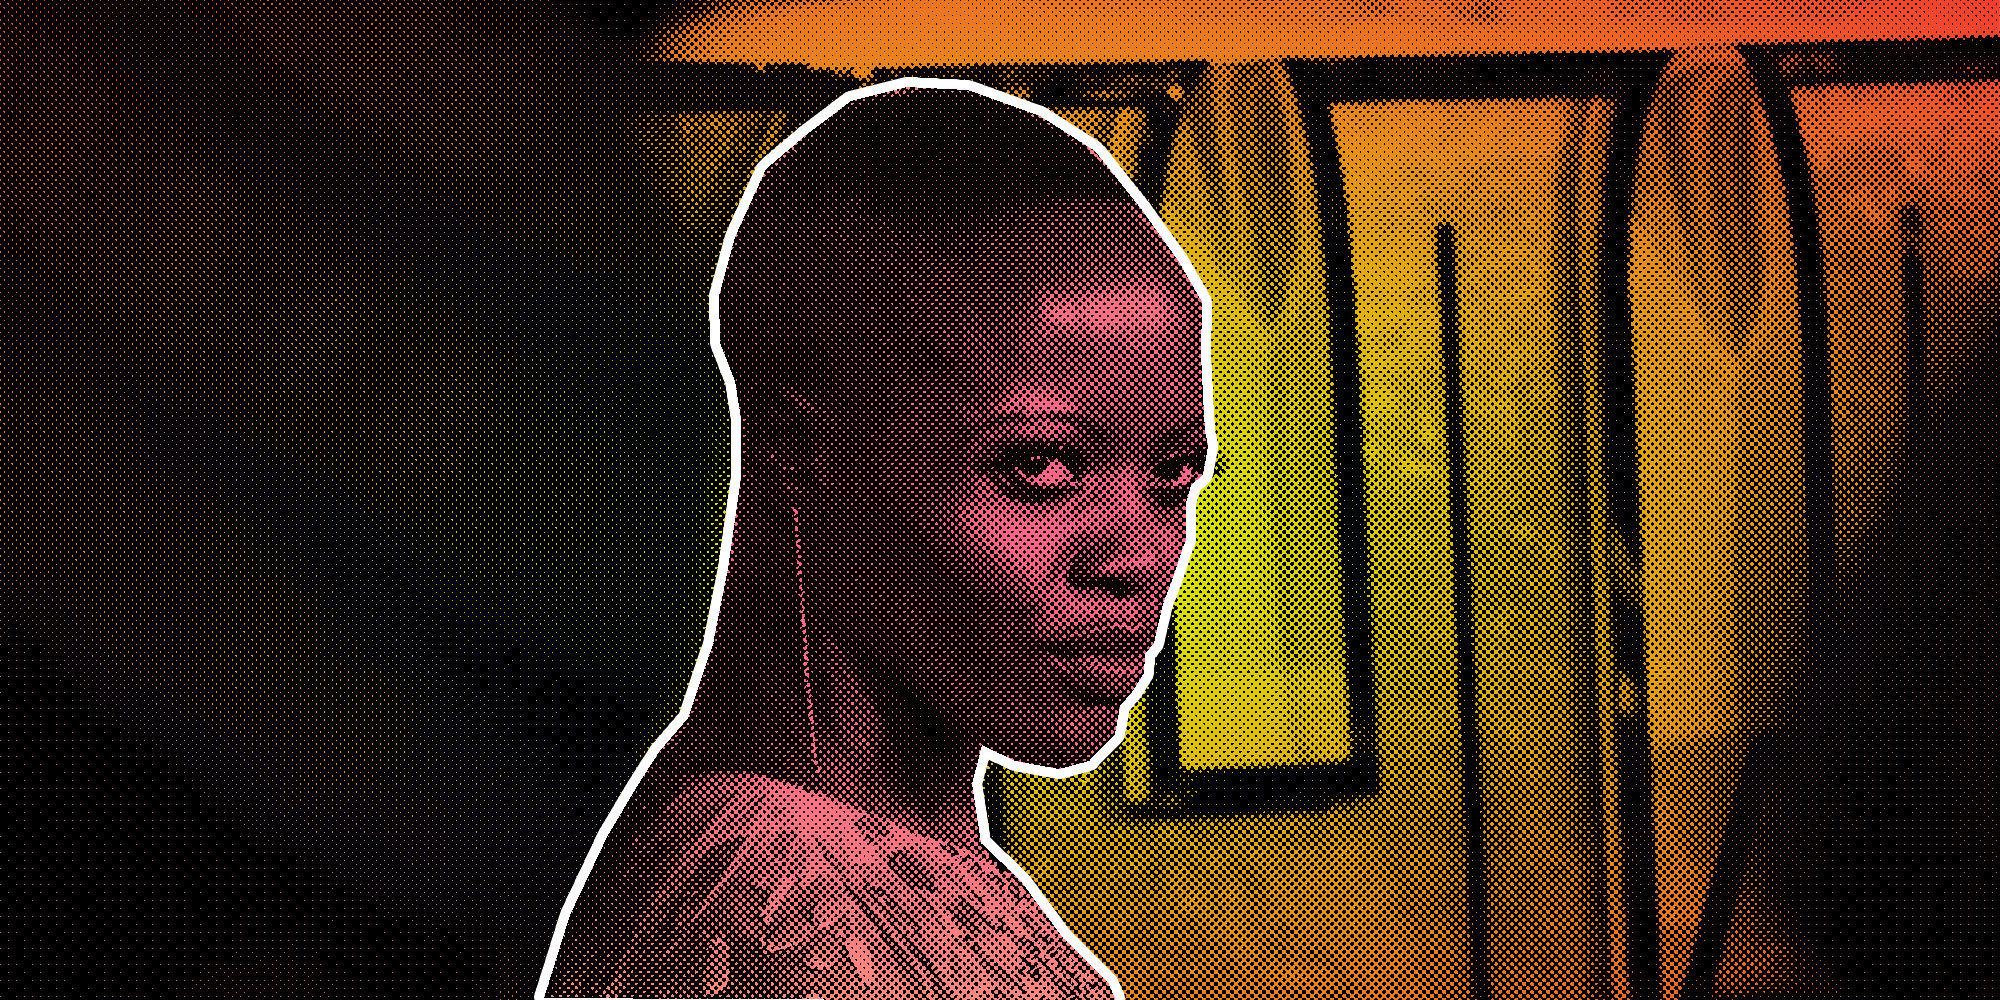 Florence Kasumba plays Ayo in Black Panther